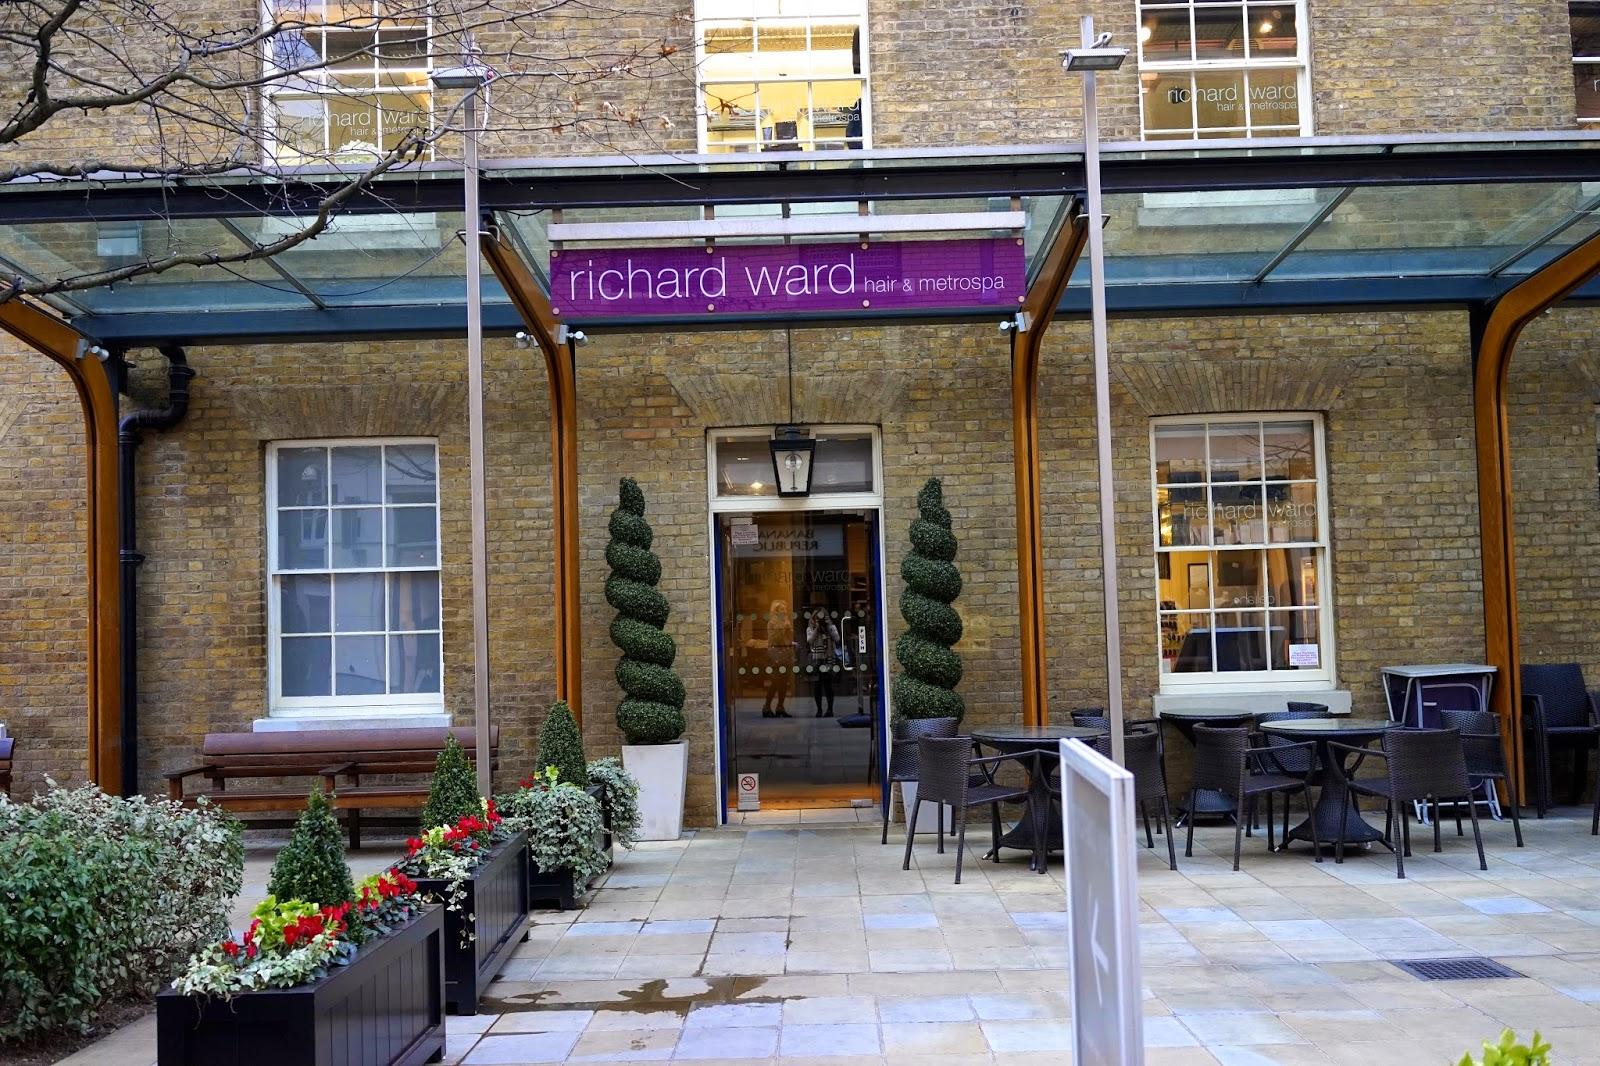 richard ward london